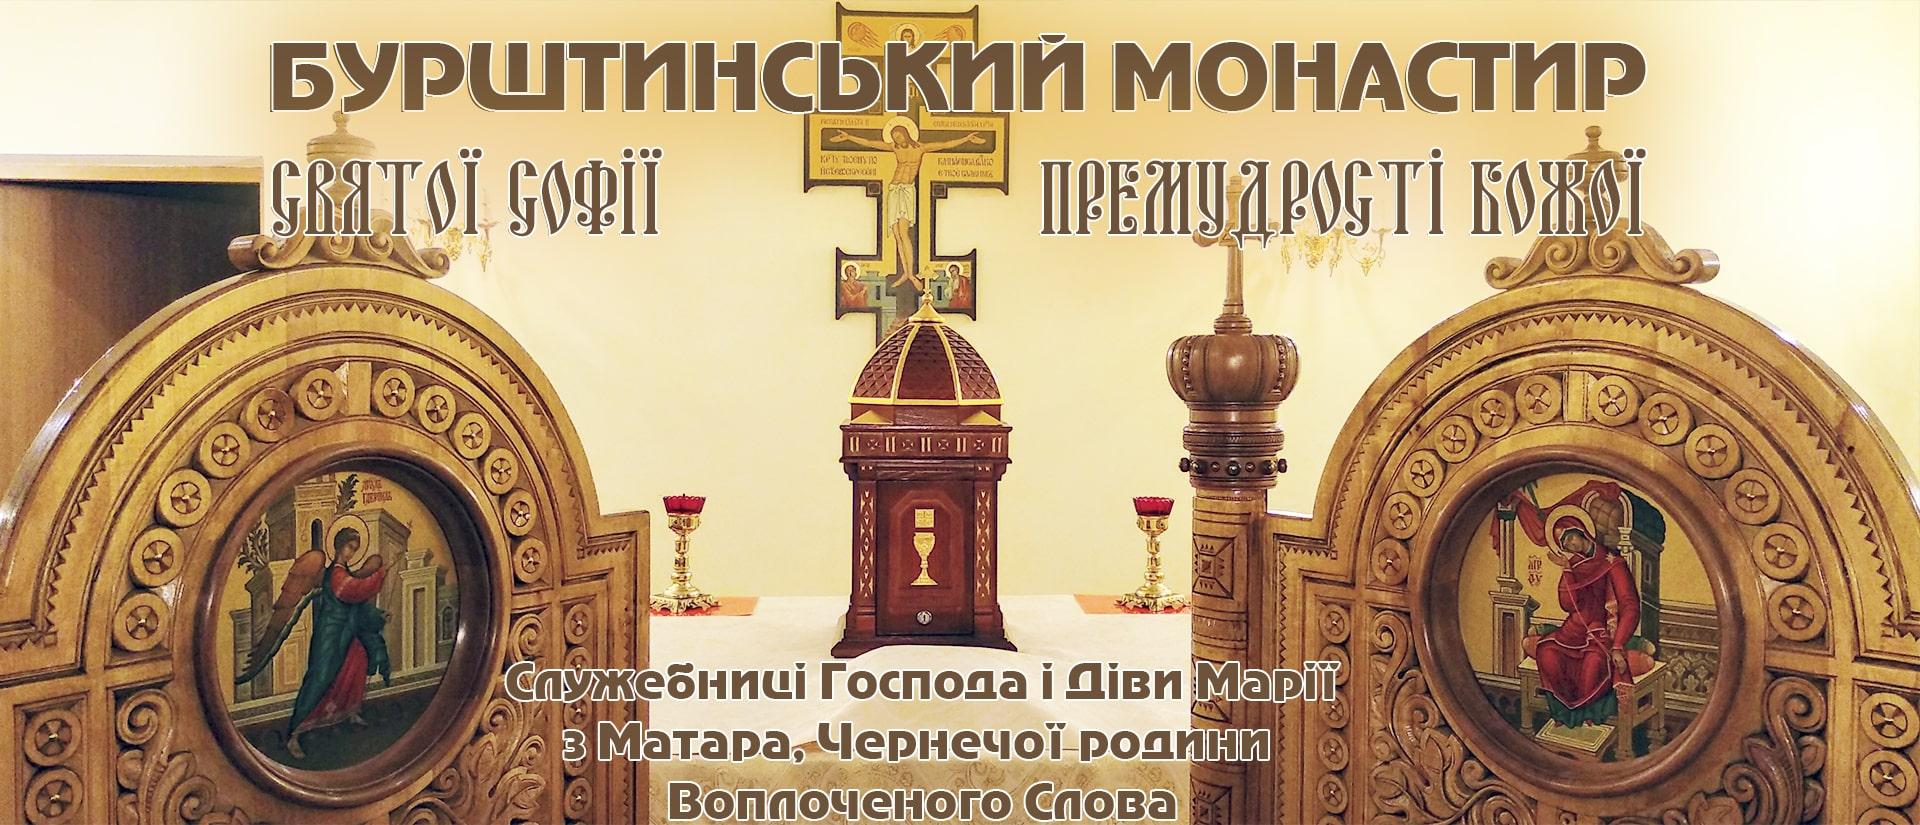 Бурштинський монастир Святої Софії Премудрості Божої